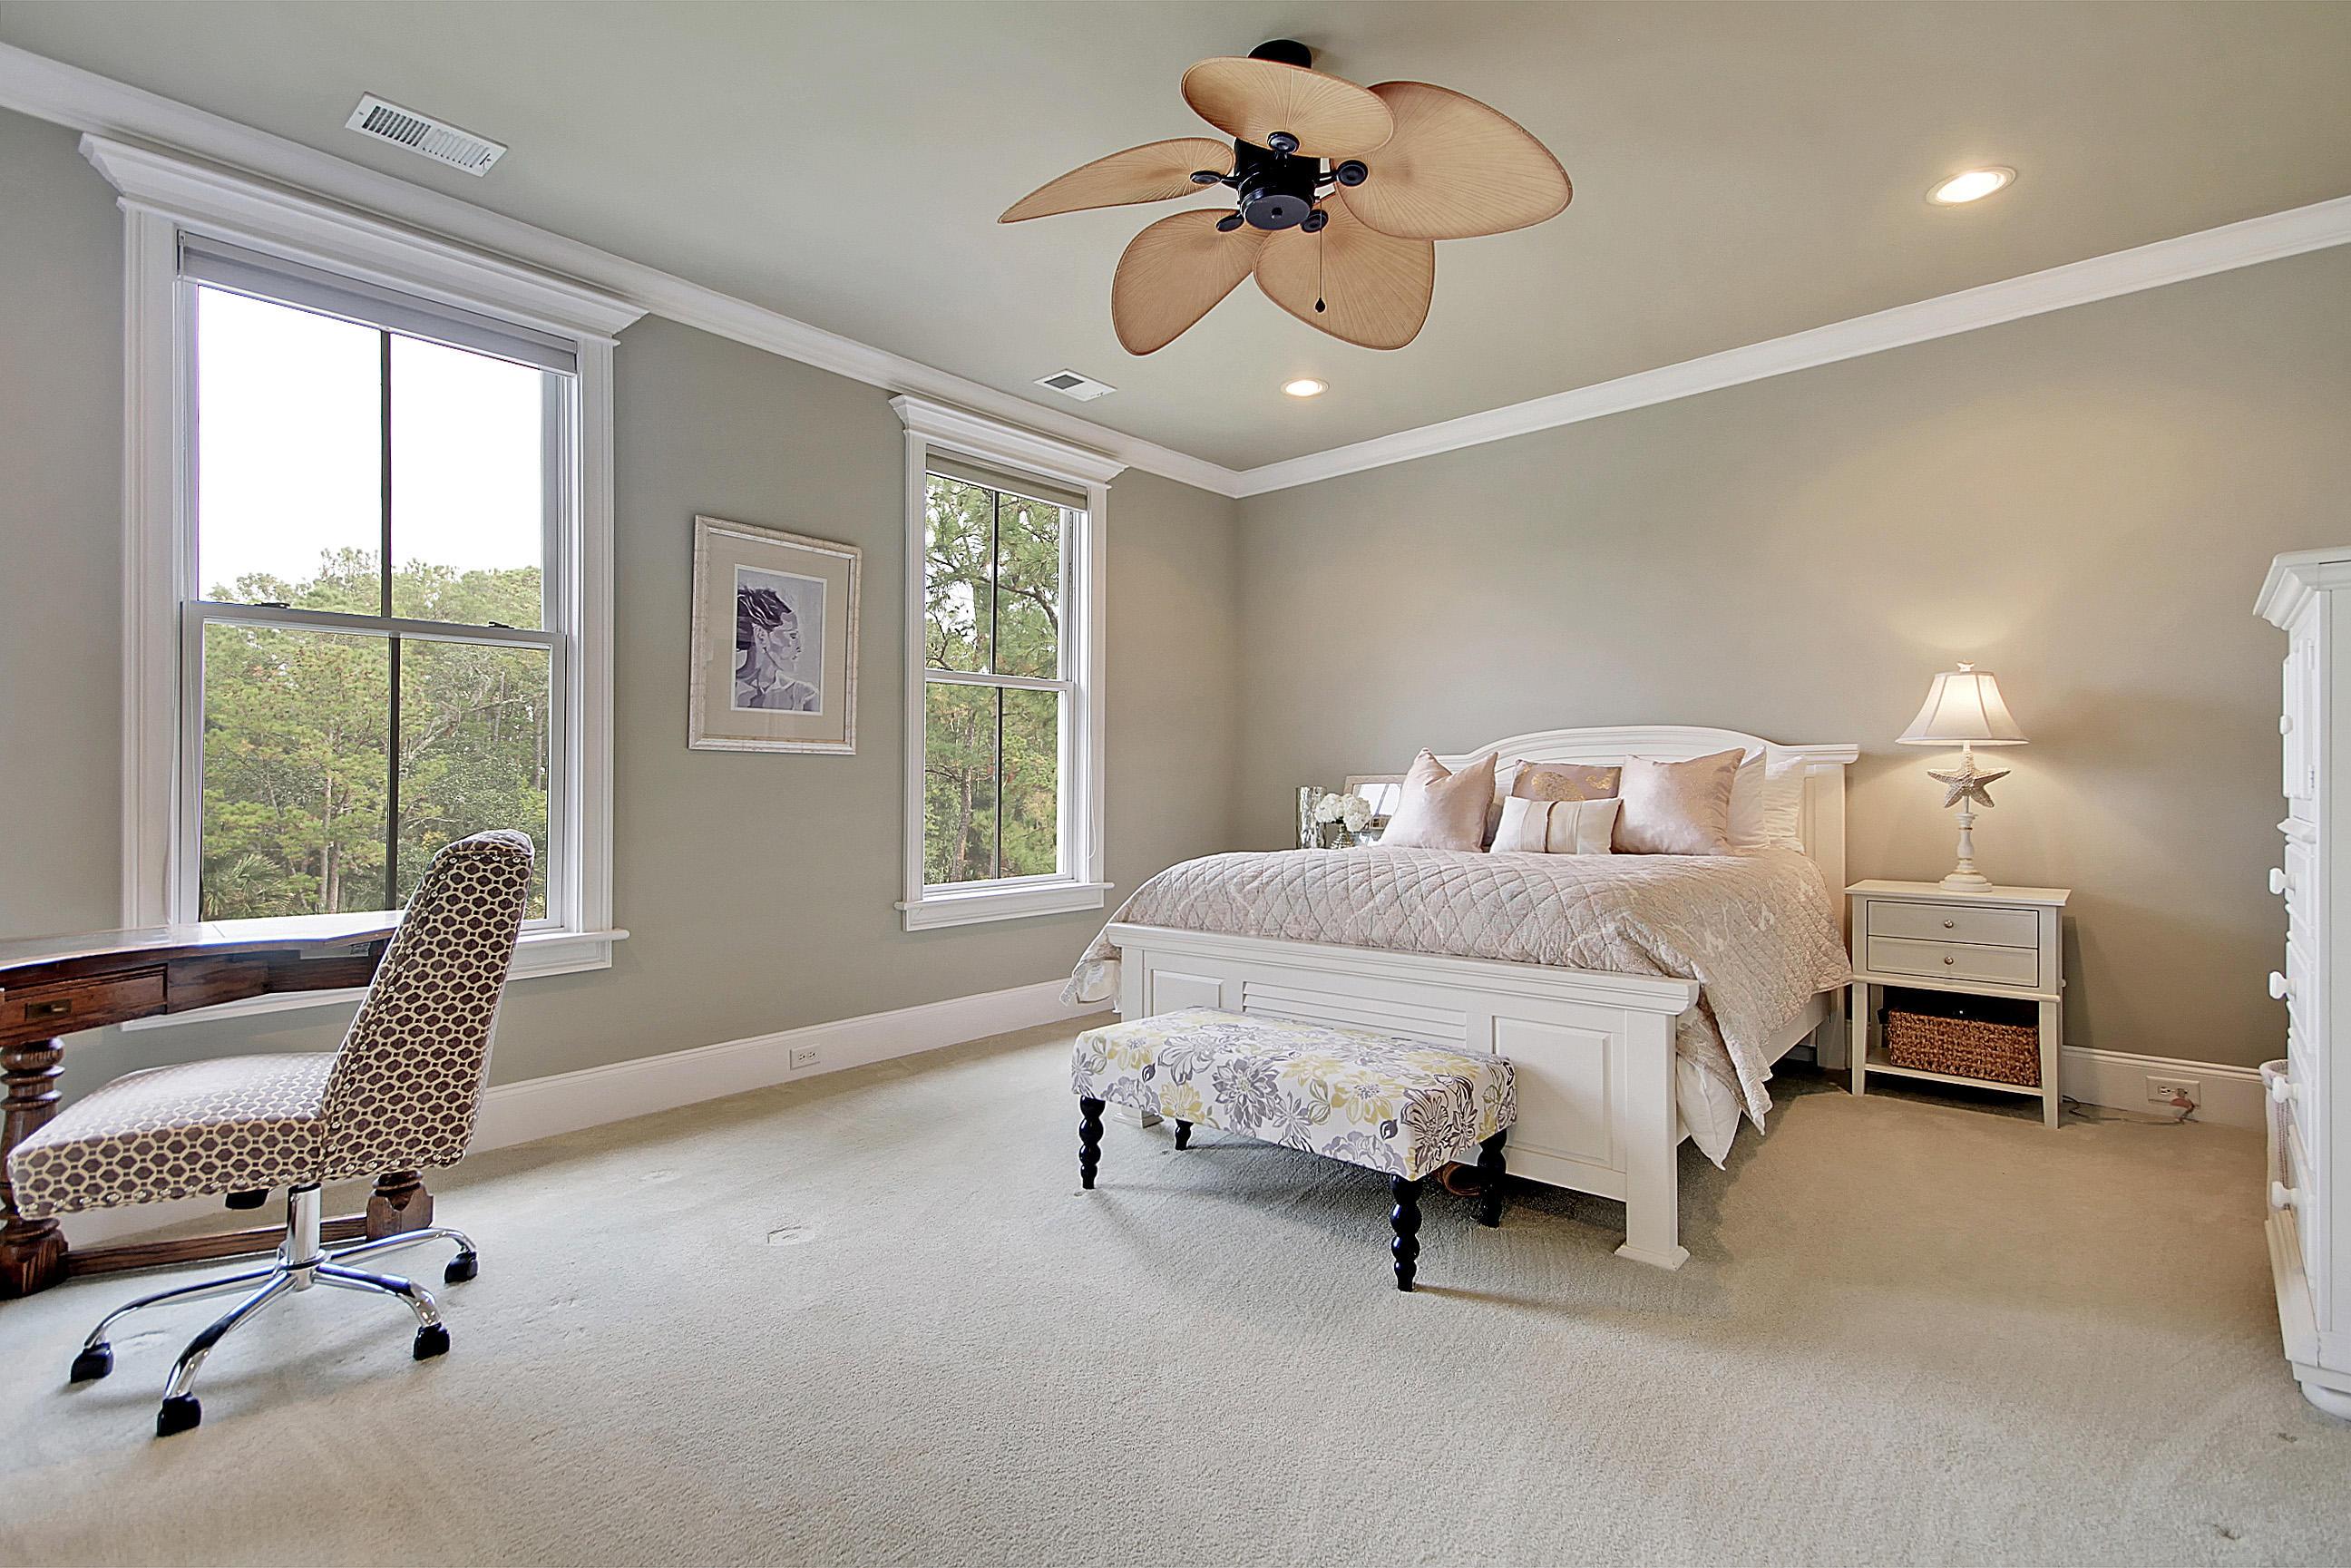 Park West Homes For Sale - 3940 Ashton Shore, Mount Pleasant, SC - 17